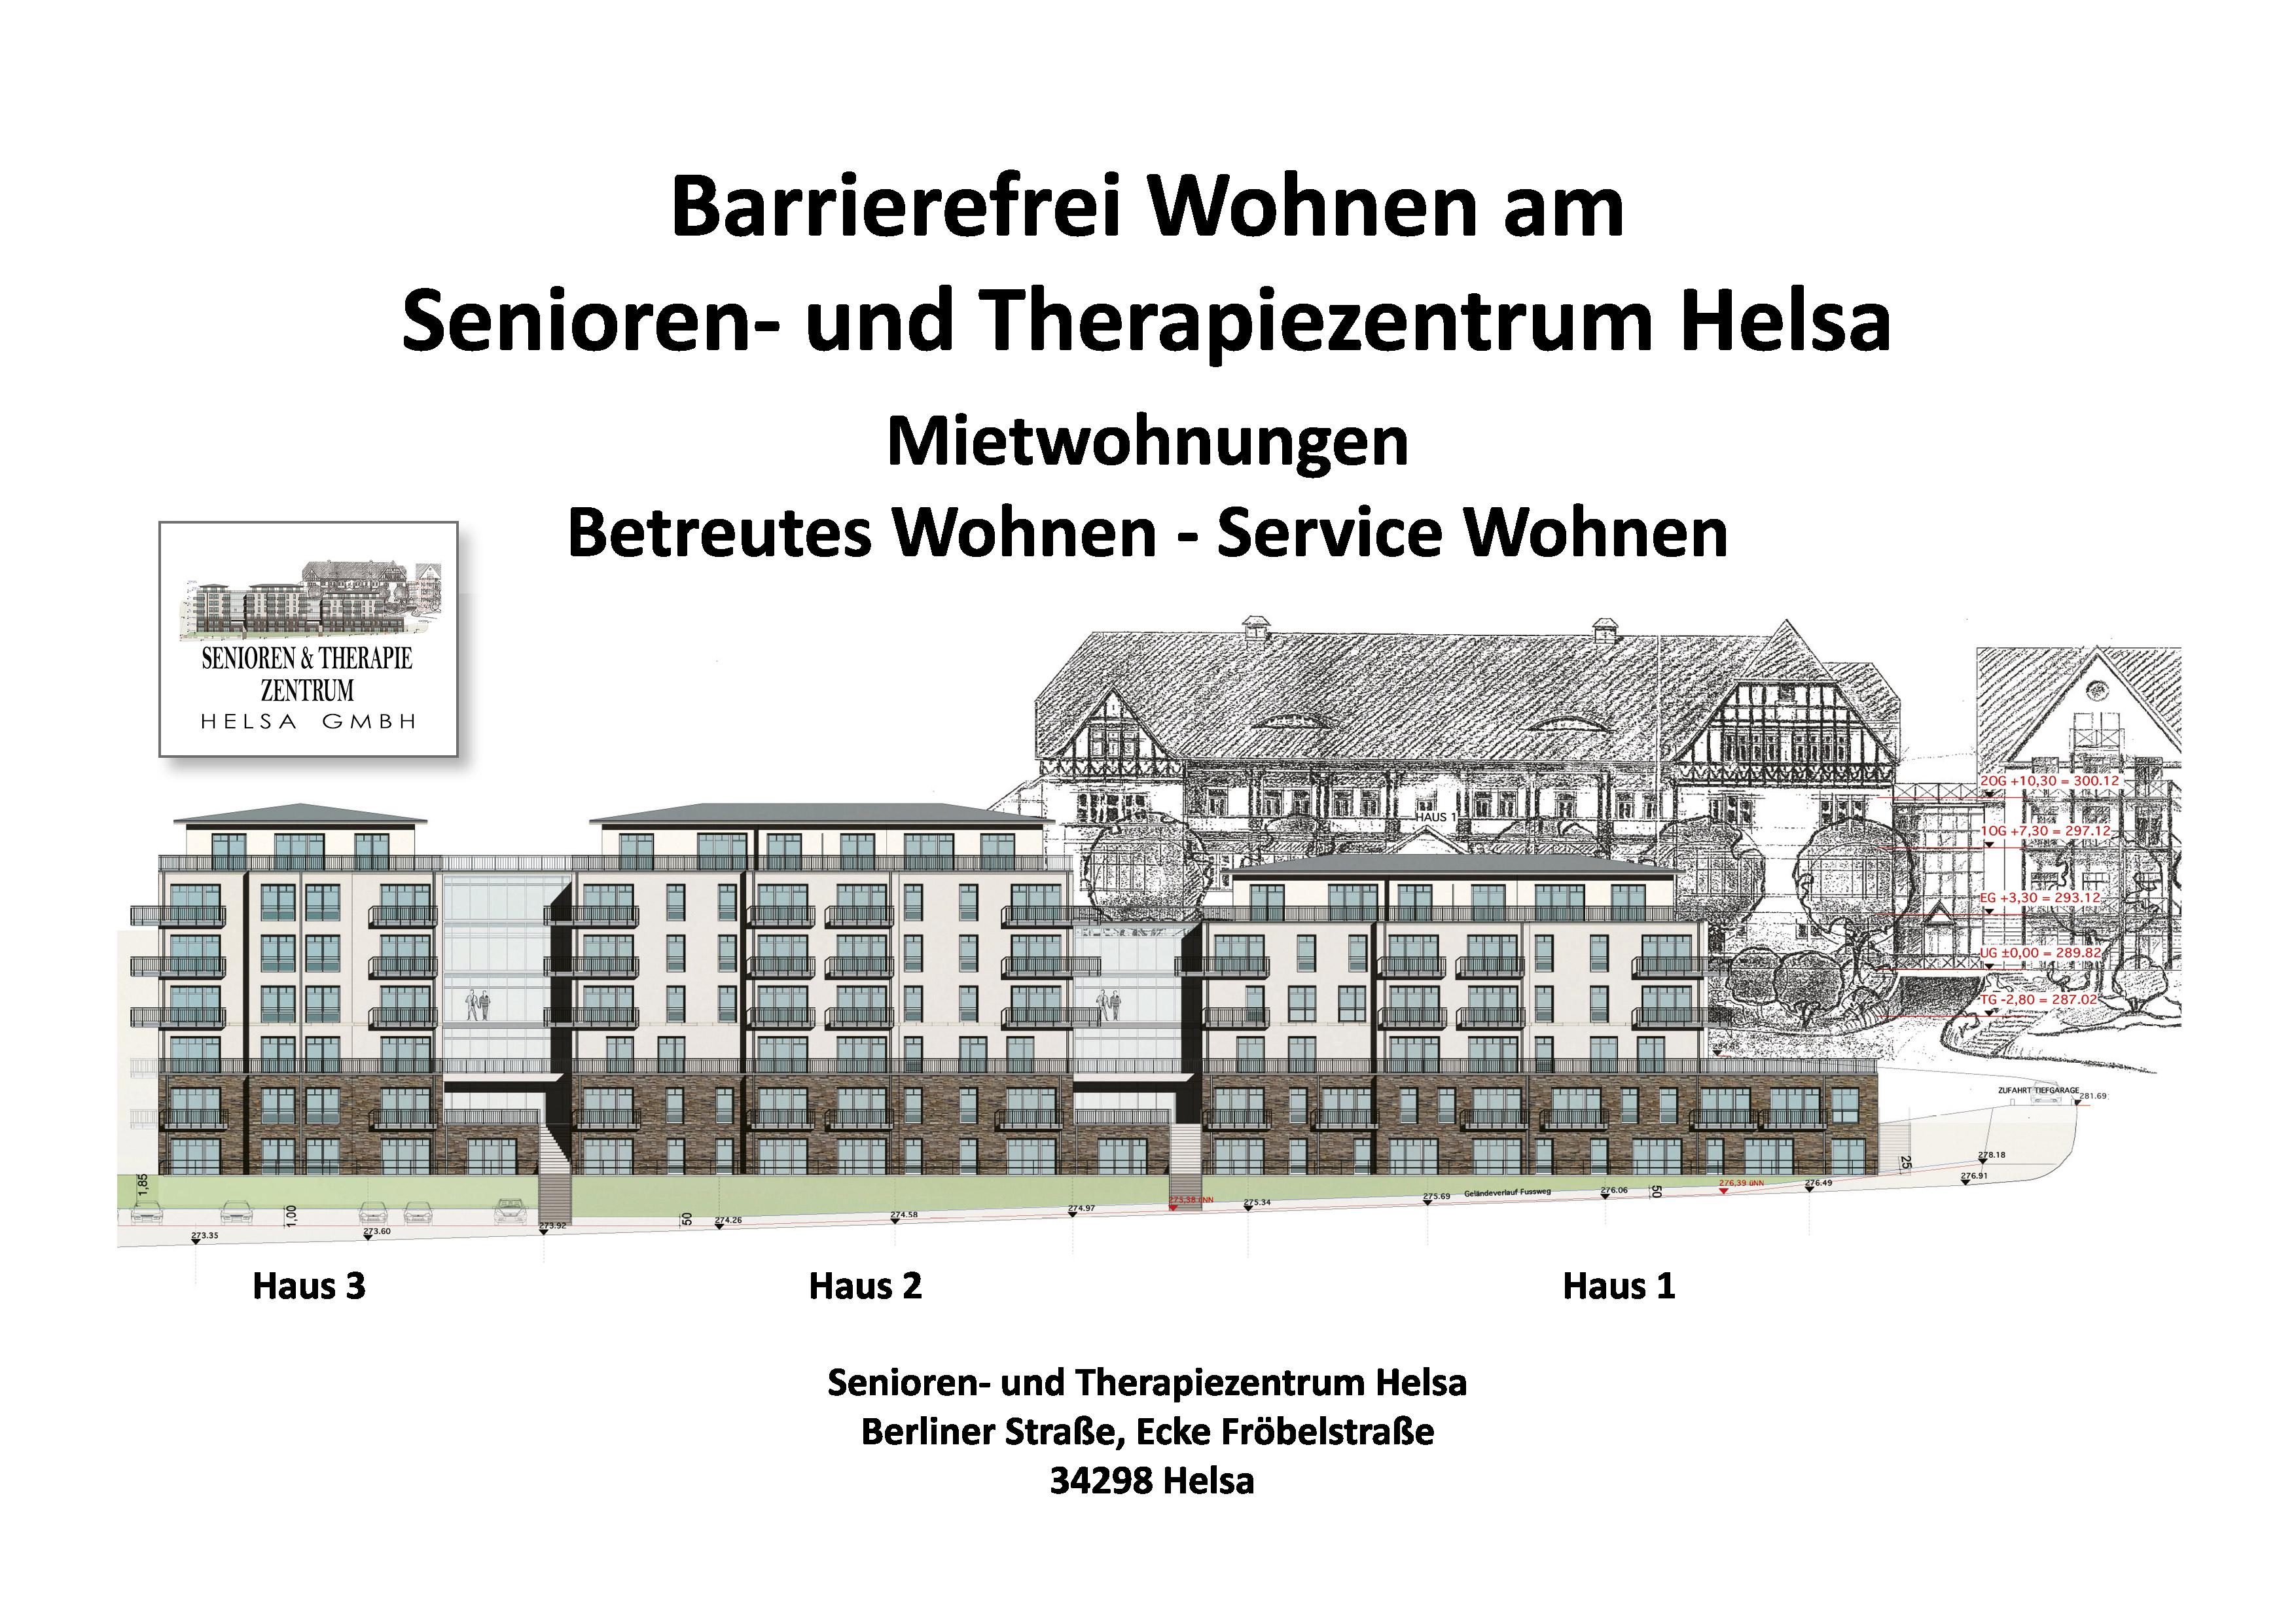 barrierefrei wohnen senioren und therapiezentrum helsa gmbh. Black Bedroom Furniture Sets. Home Design Ideas